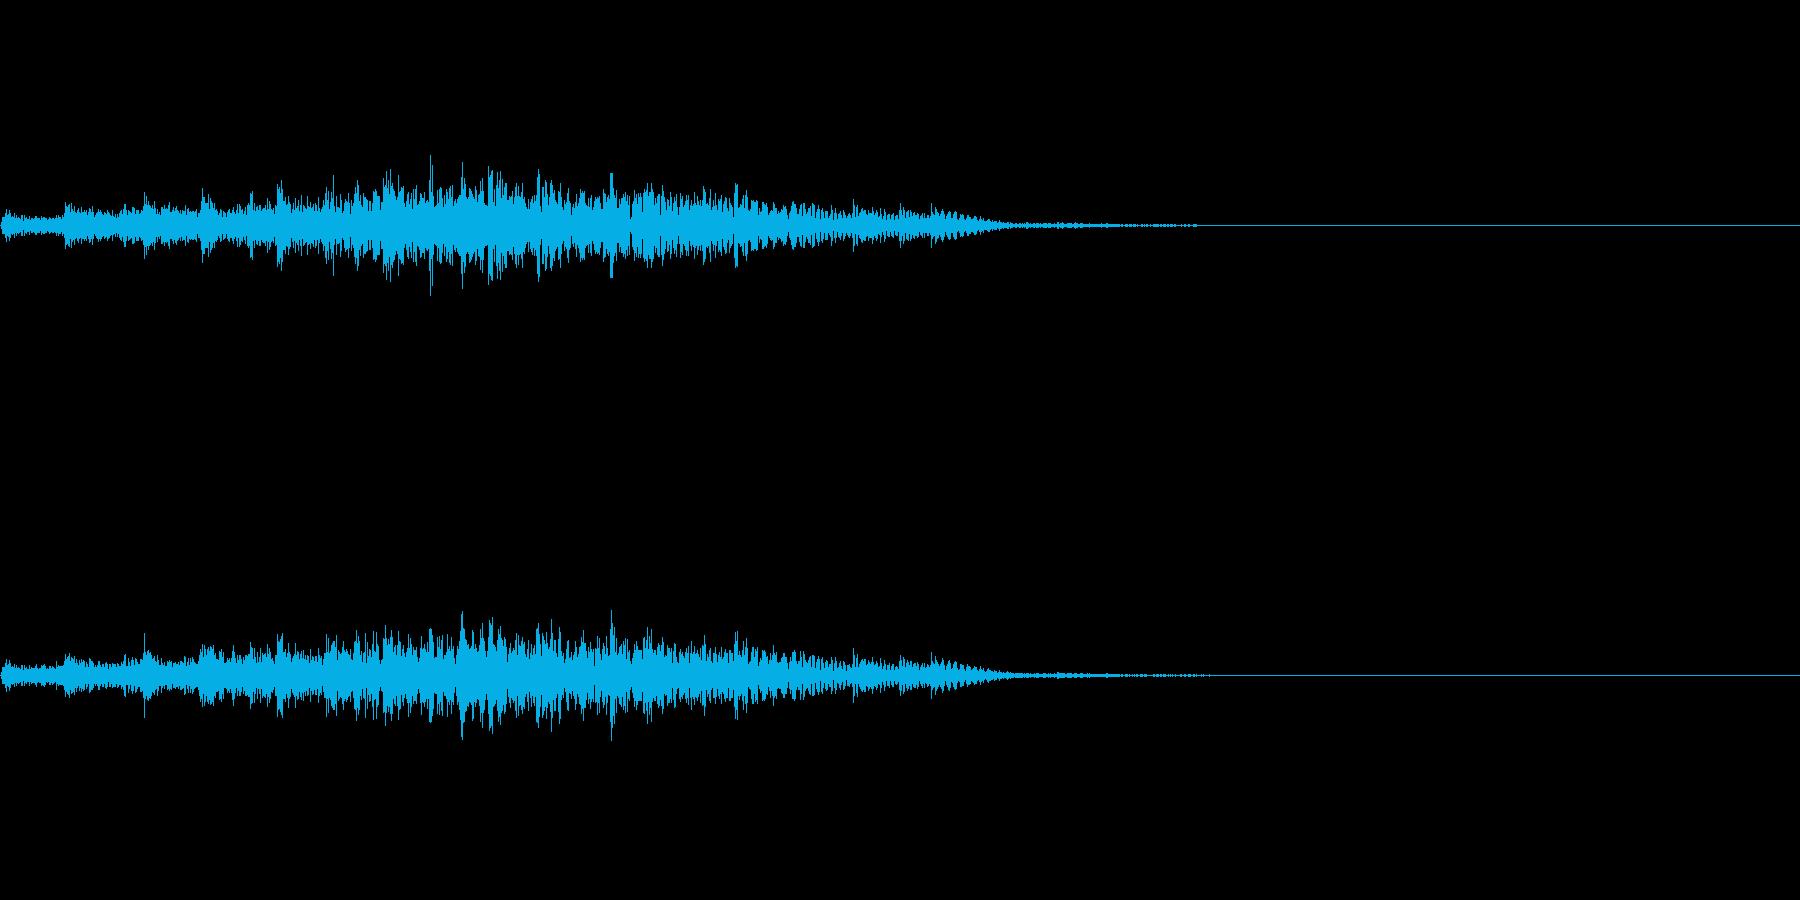 場面転換などに使える上昇系のかわいい音の再生済みの波形